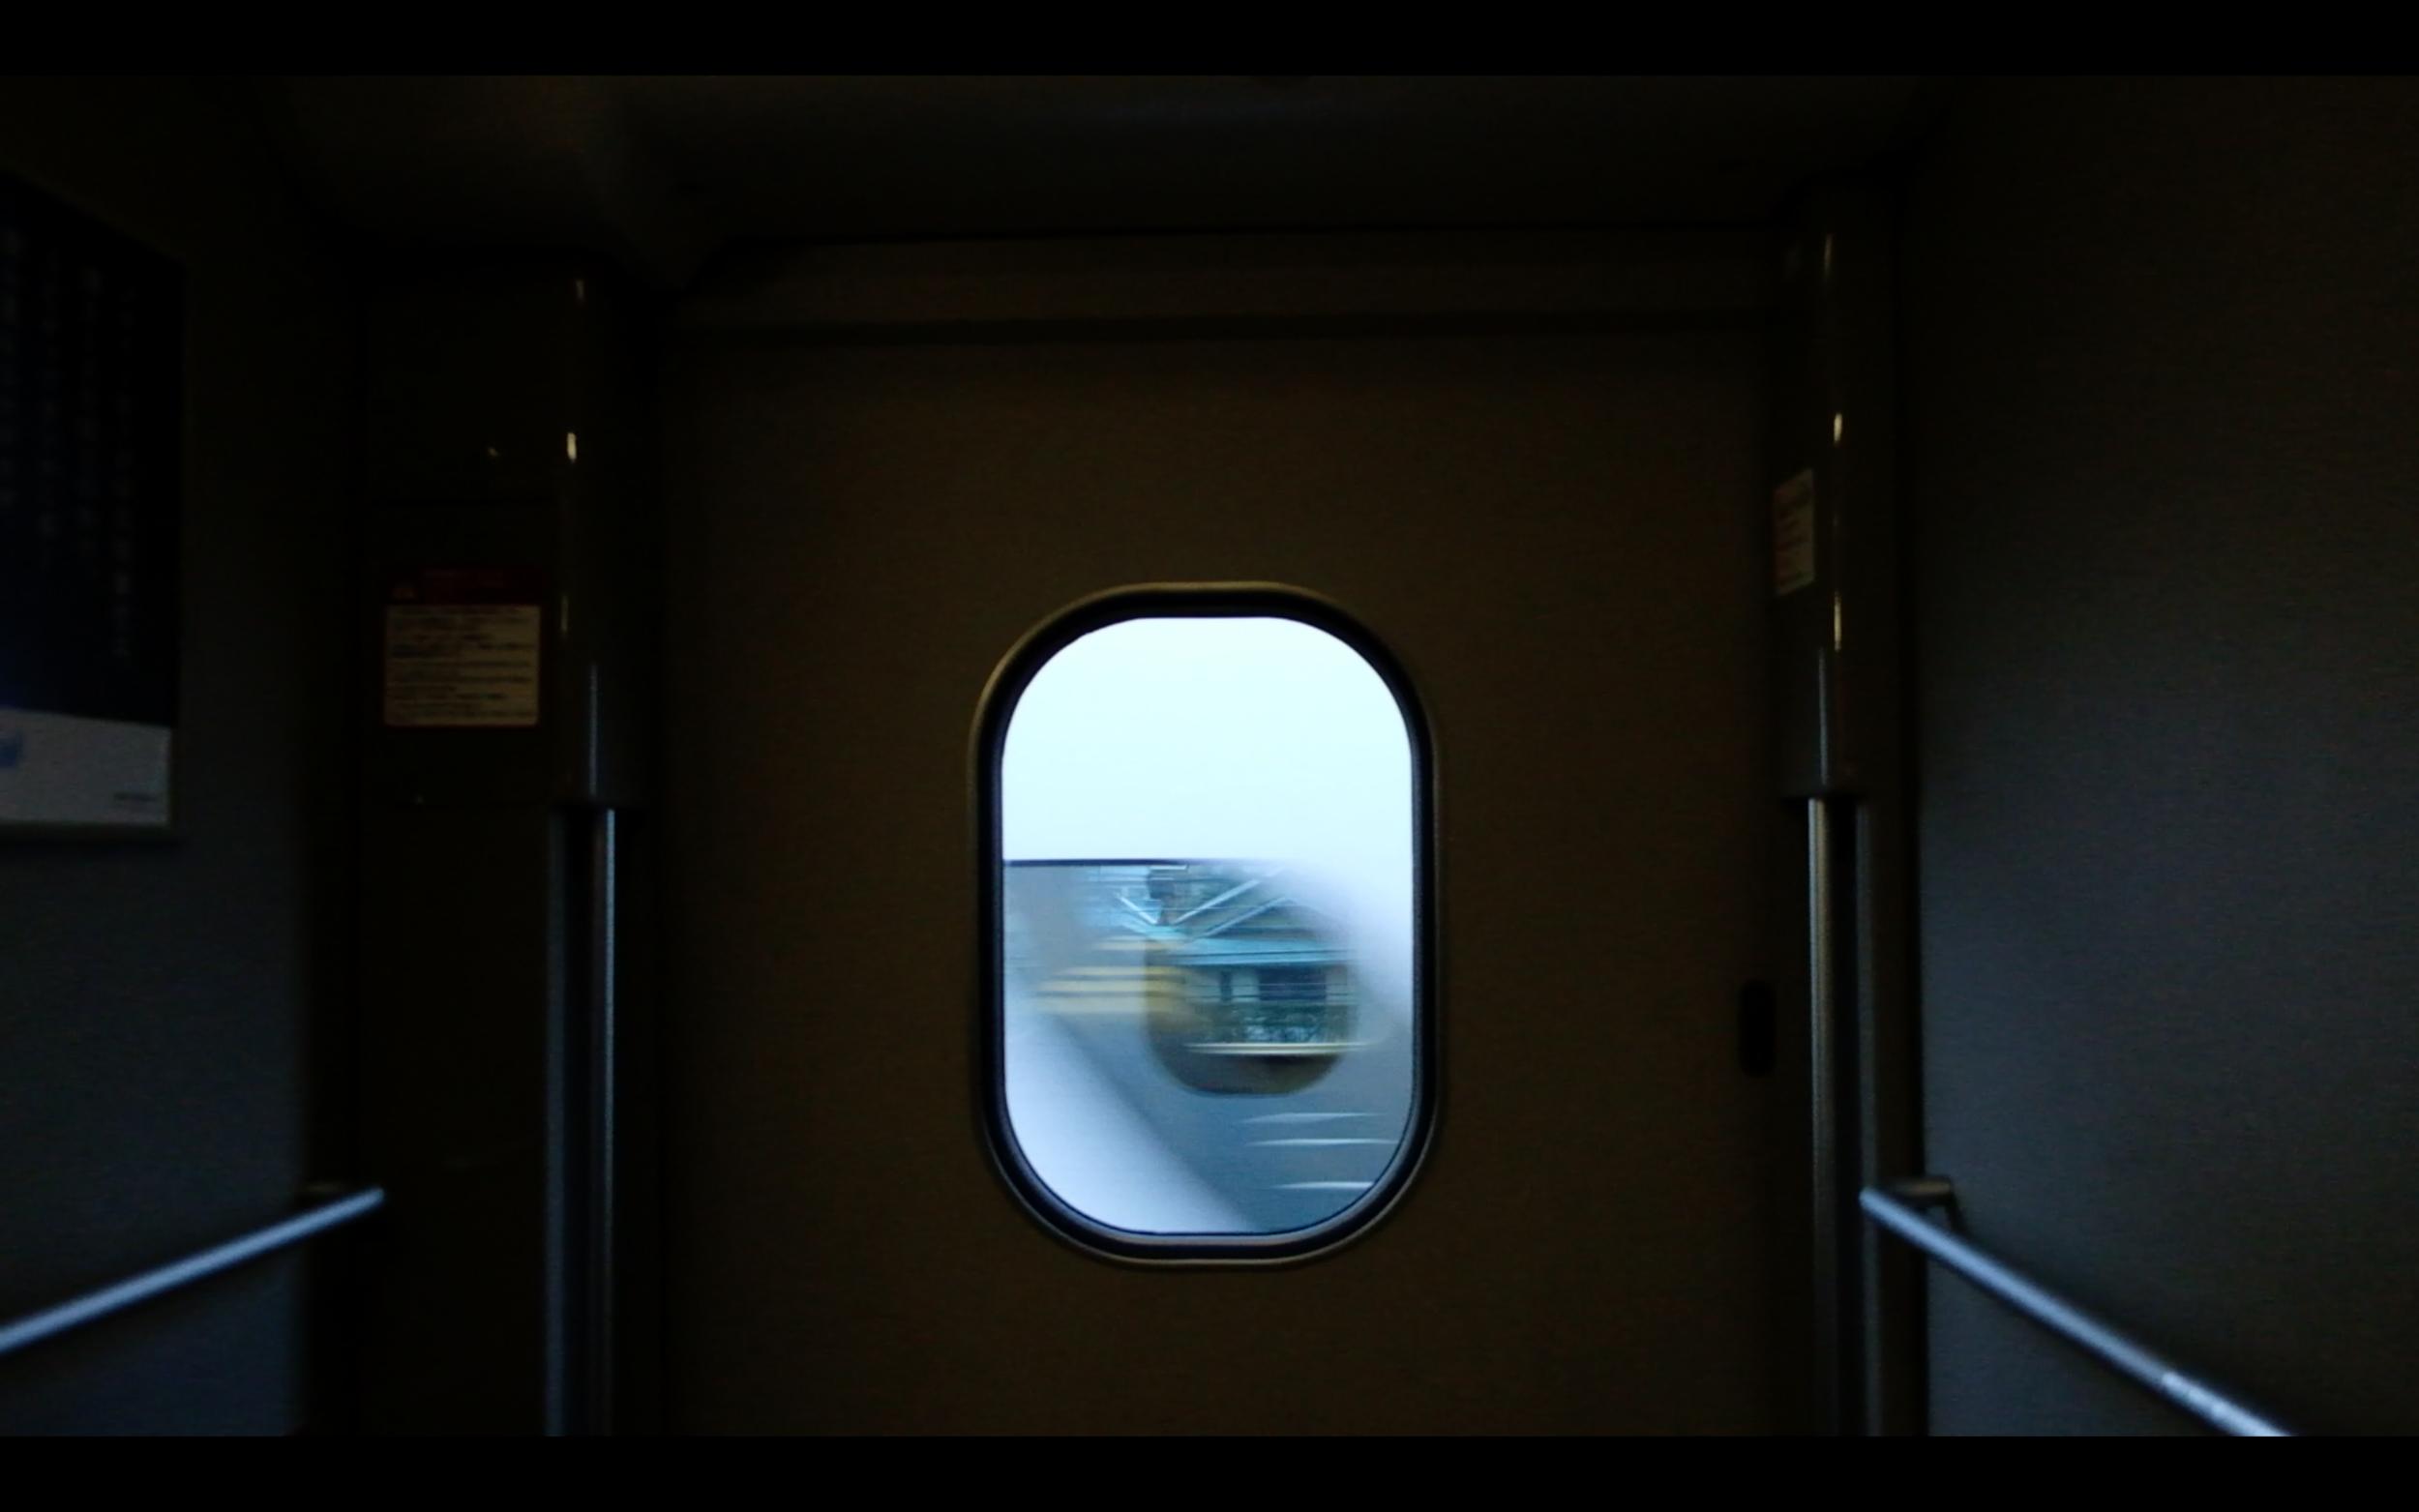 Screen Shot 2019-02-05 at 19.21.07.png